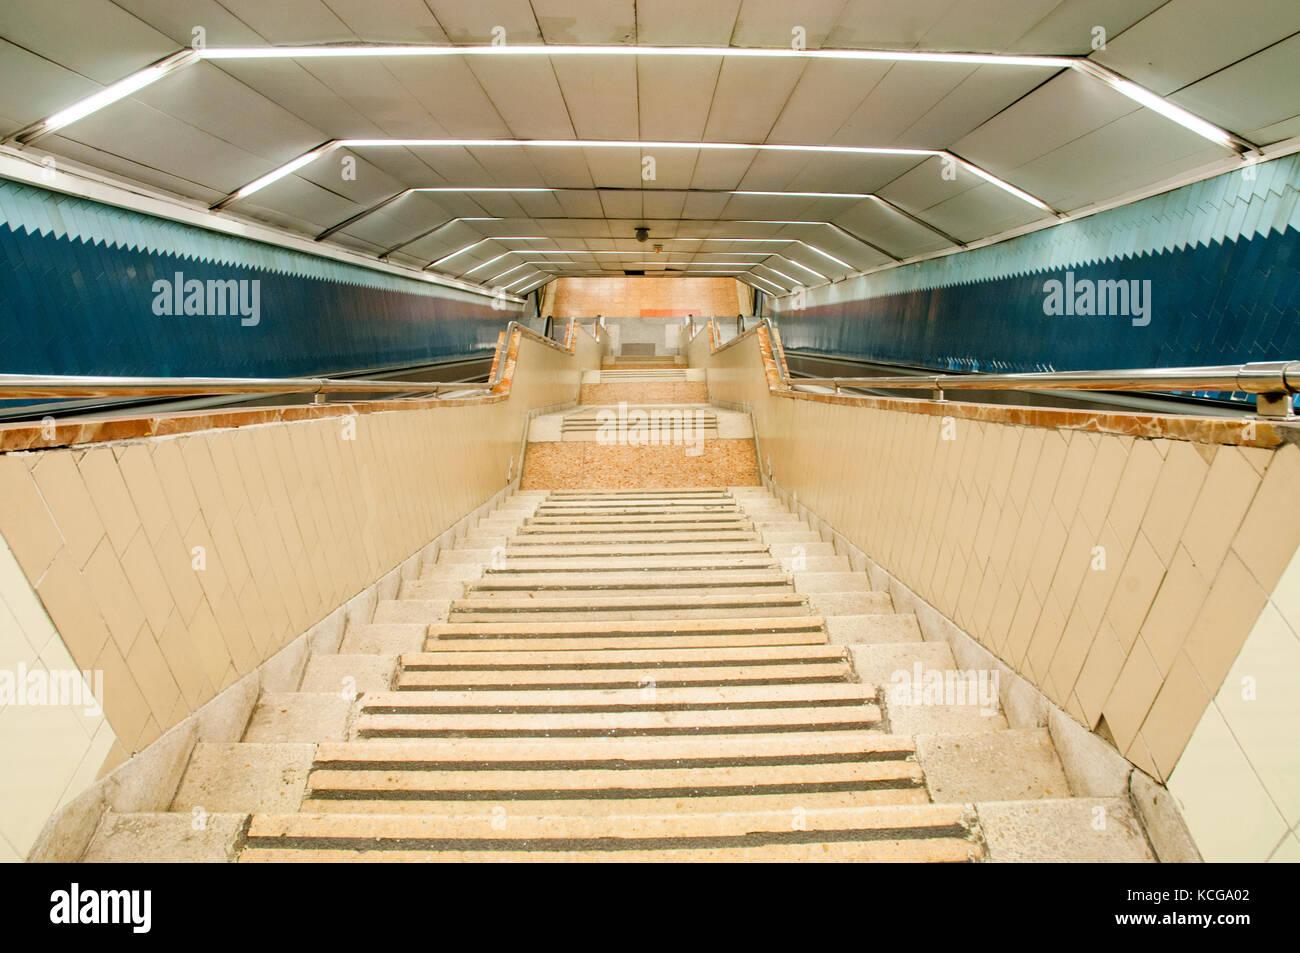 U-Treppen, Ansicht von oben. Madrid, Spanien. Stockbild